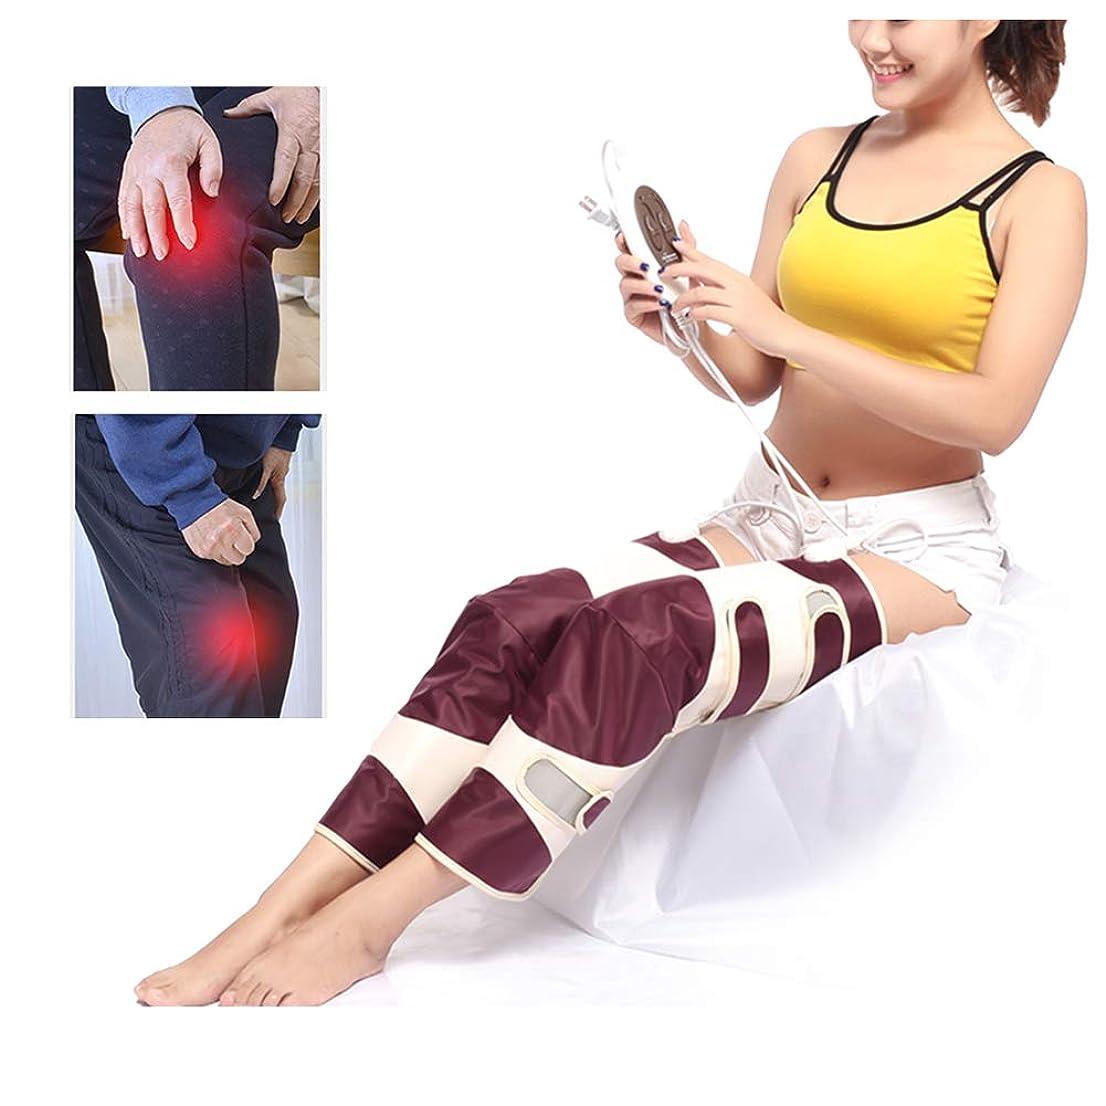 特異な数値微妙膝の怪我、痛みを軽減するための電気加熱膝ブレースサポート - 膝温かいラップ加熱パッド - 遠赤外線治療マッサージャー